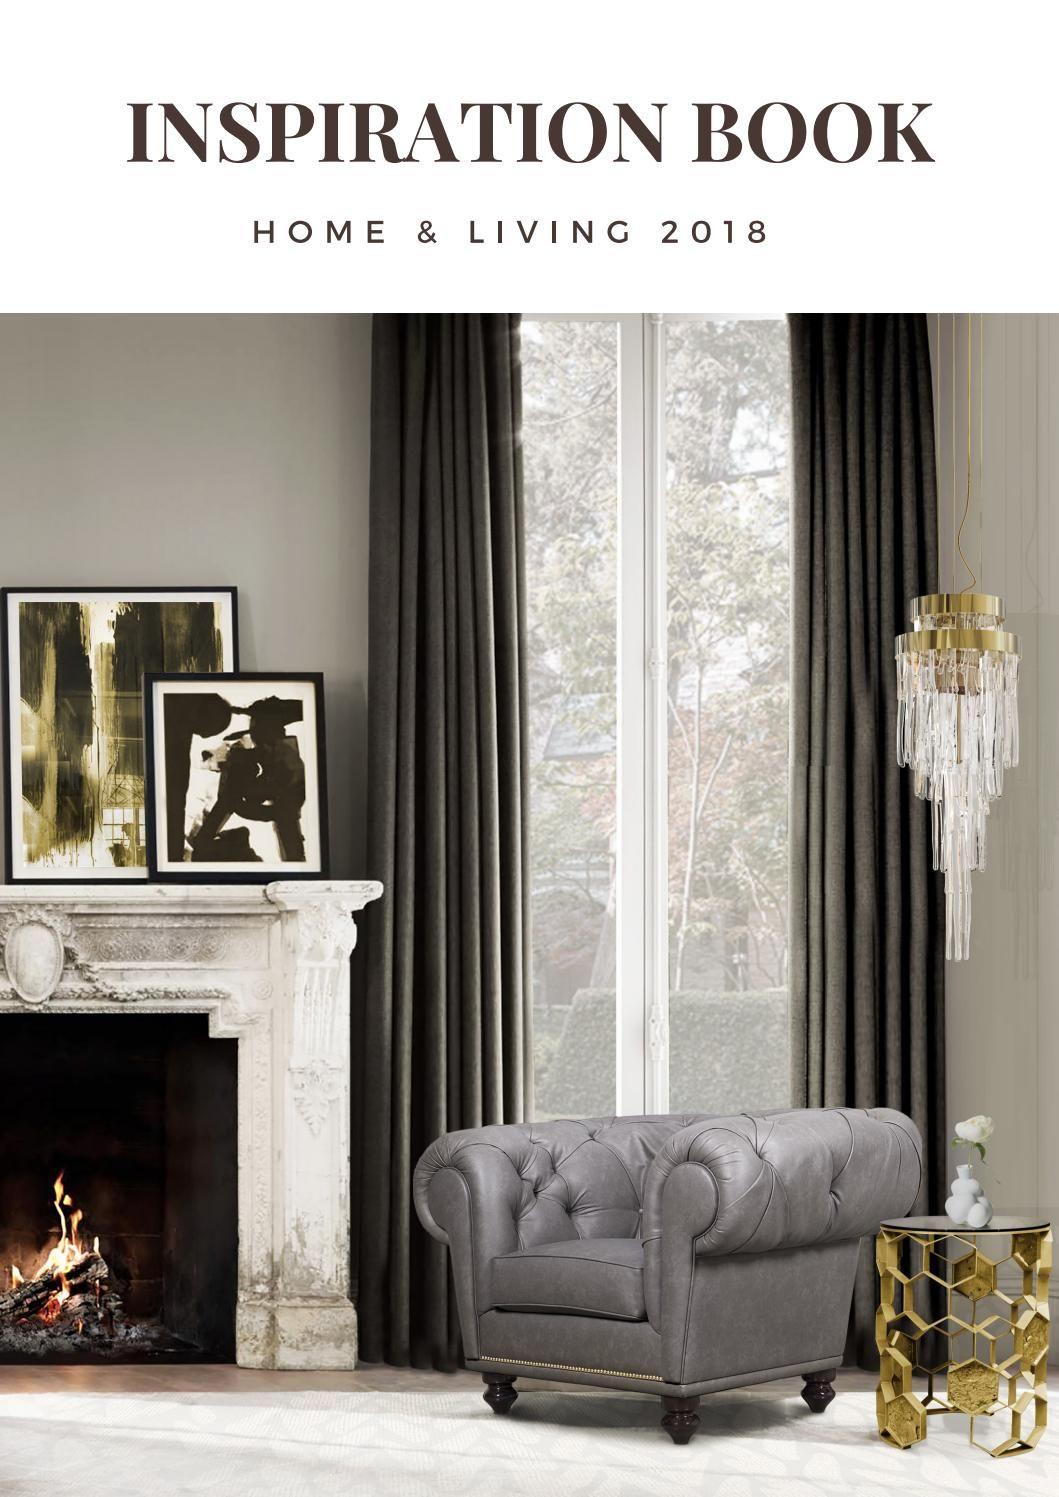 Inspirations Book - Home & Living 2018 | Interior design books ...